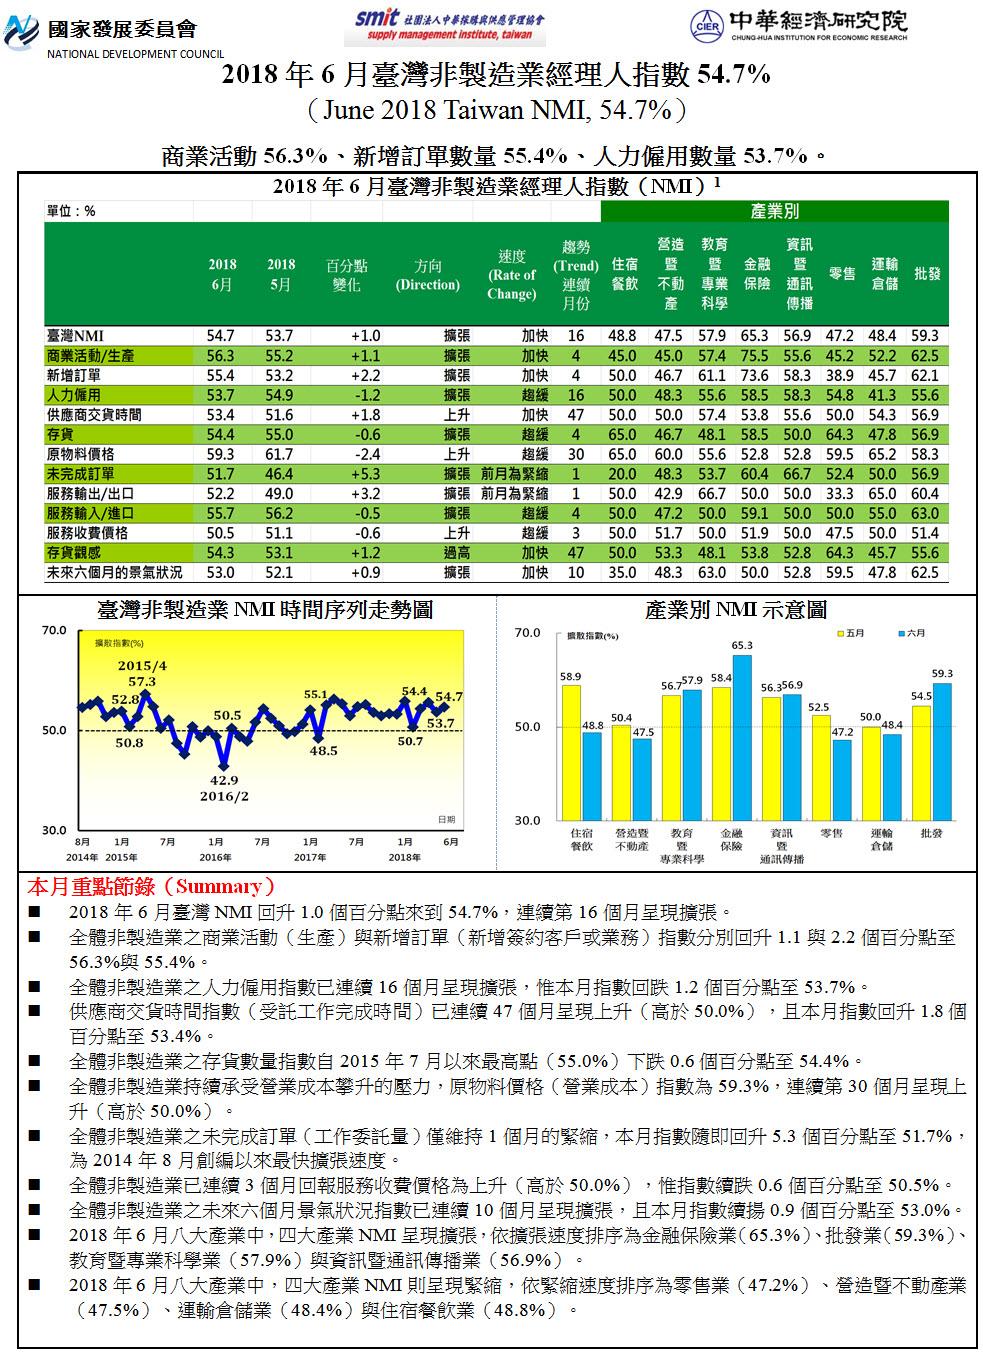 2018年5月臺灣非製造業經理人指數(NMI)